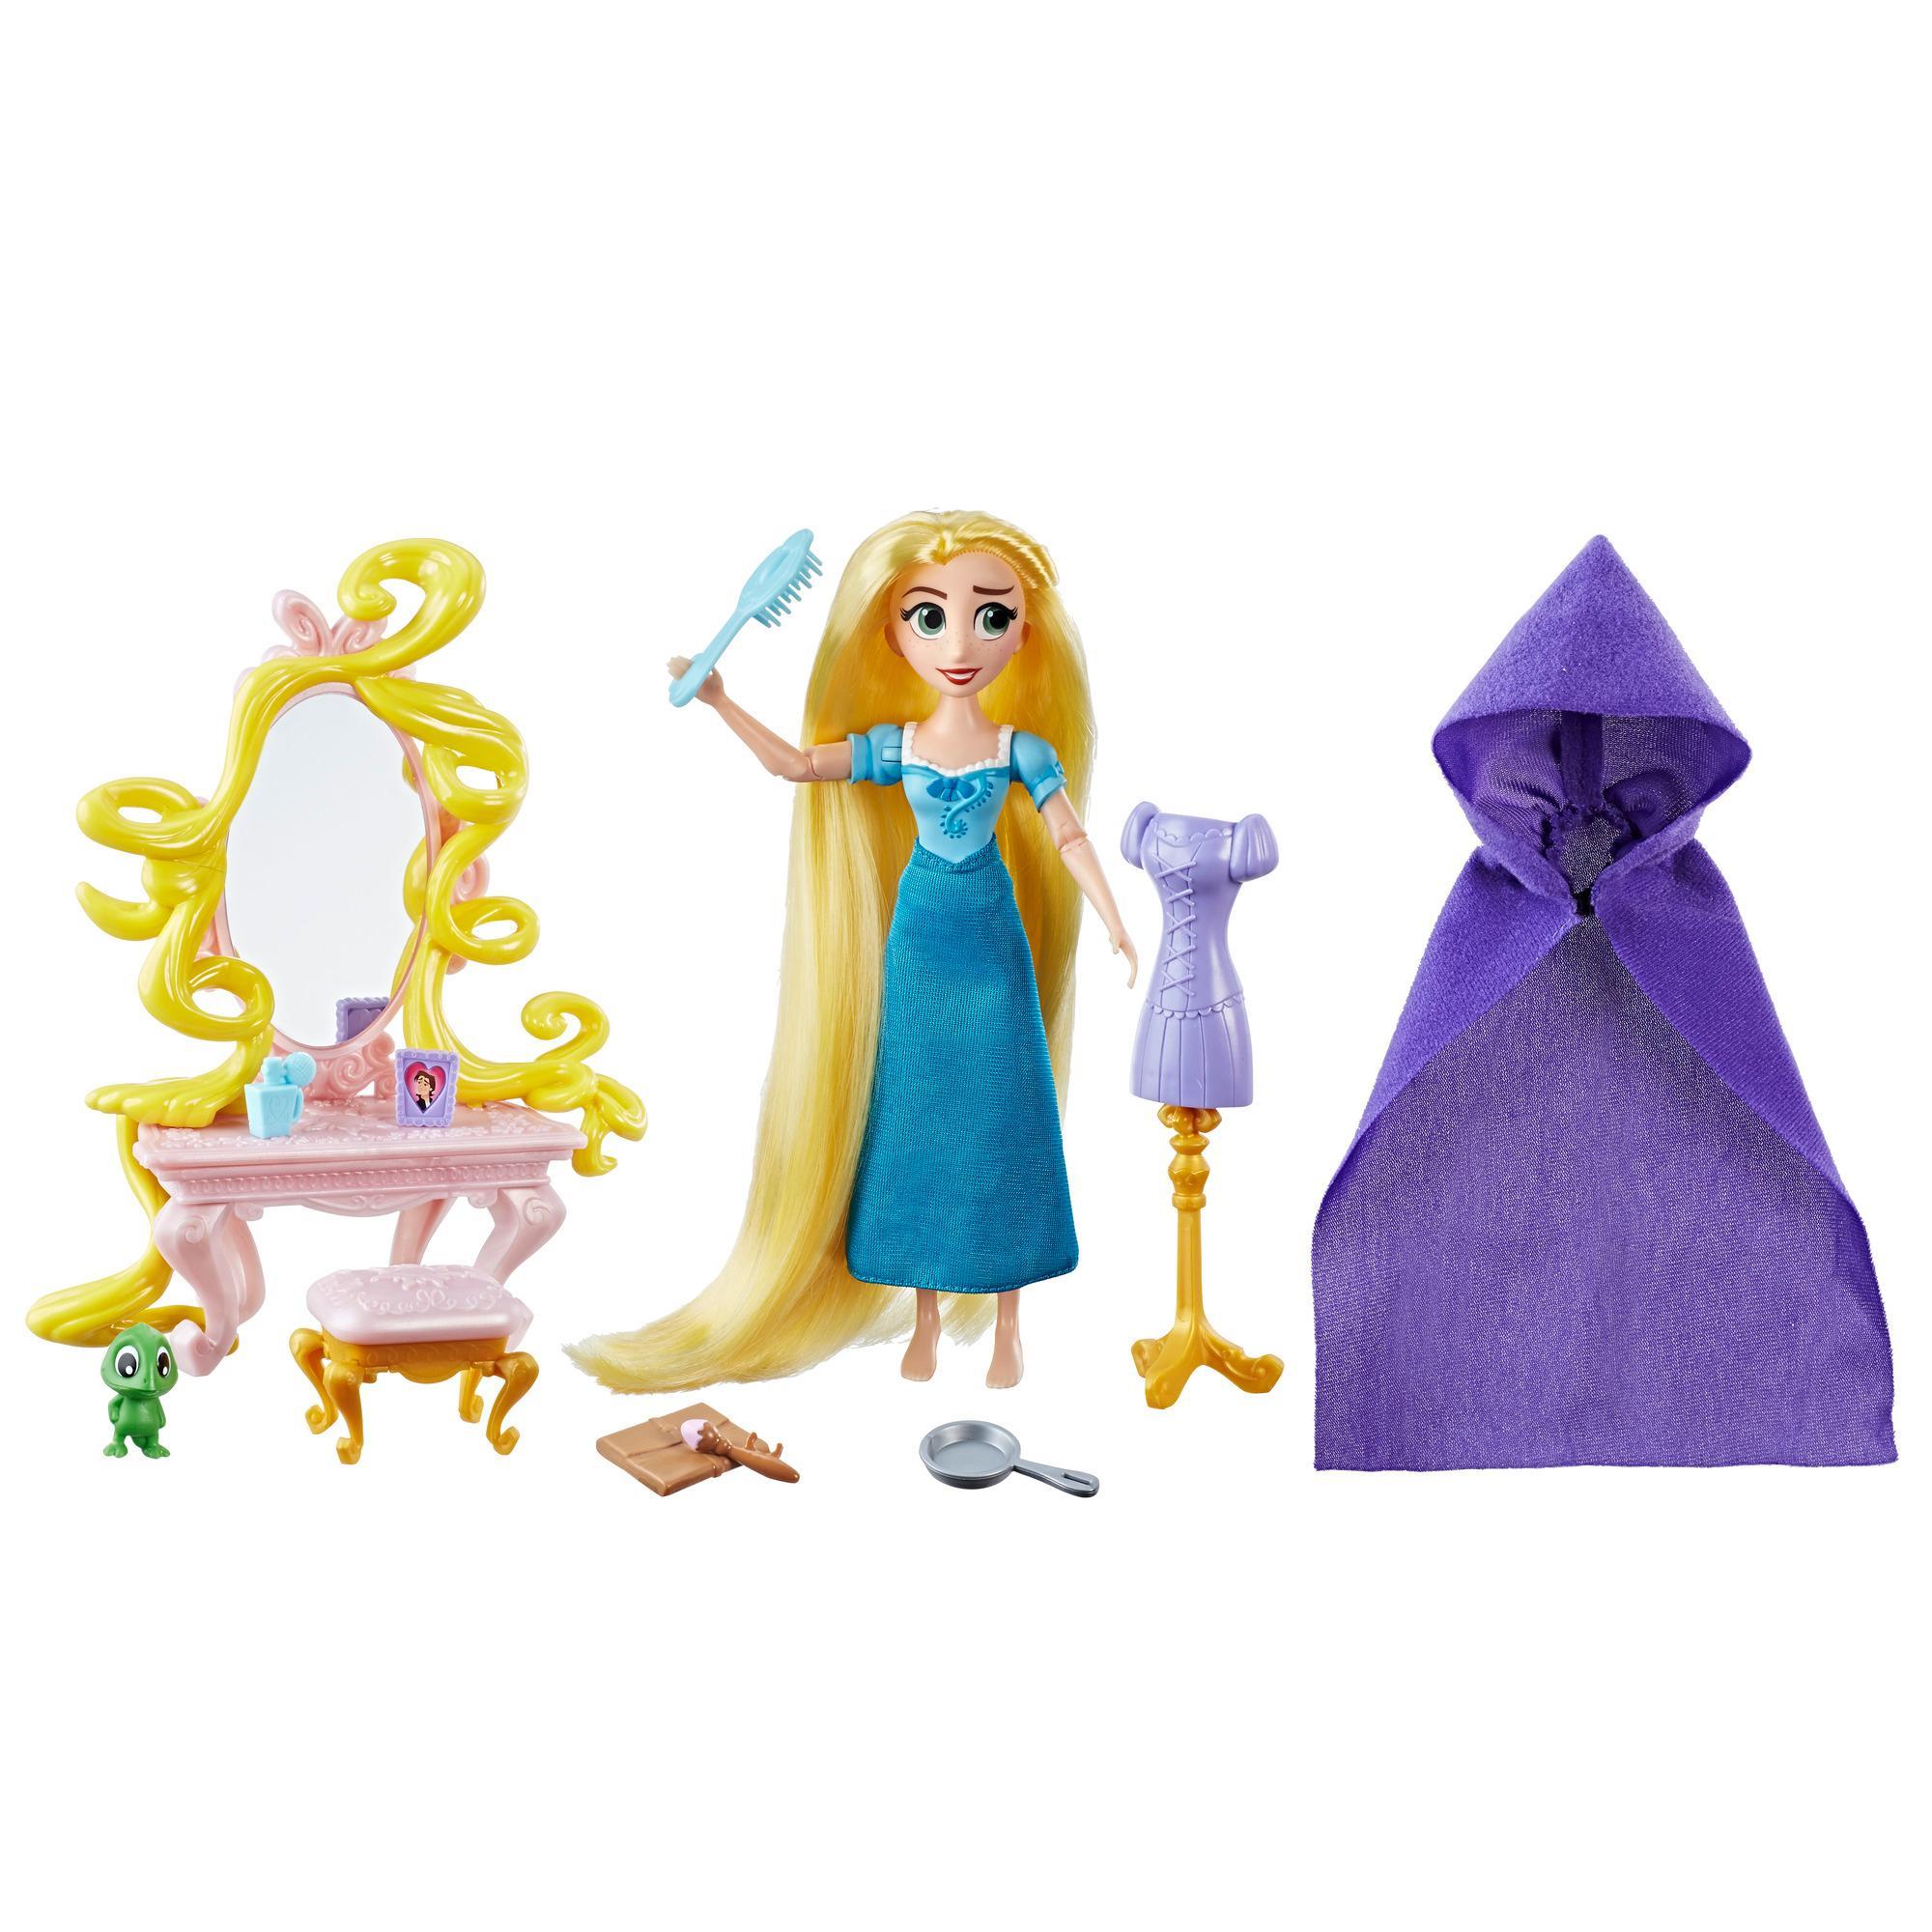 Disney Rapunzel - Die Serie Rapunzel Figur und Accessoires